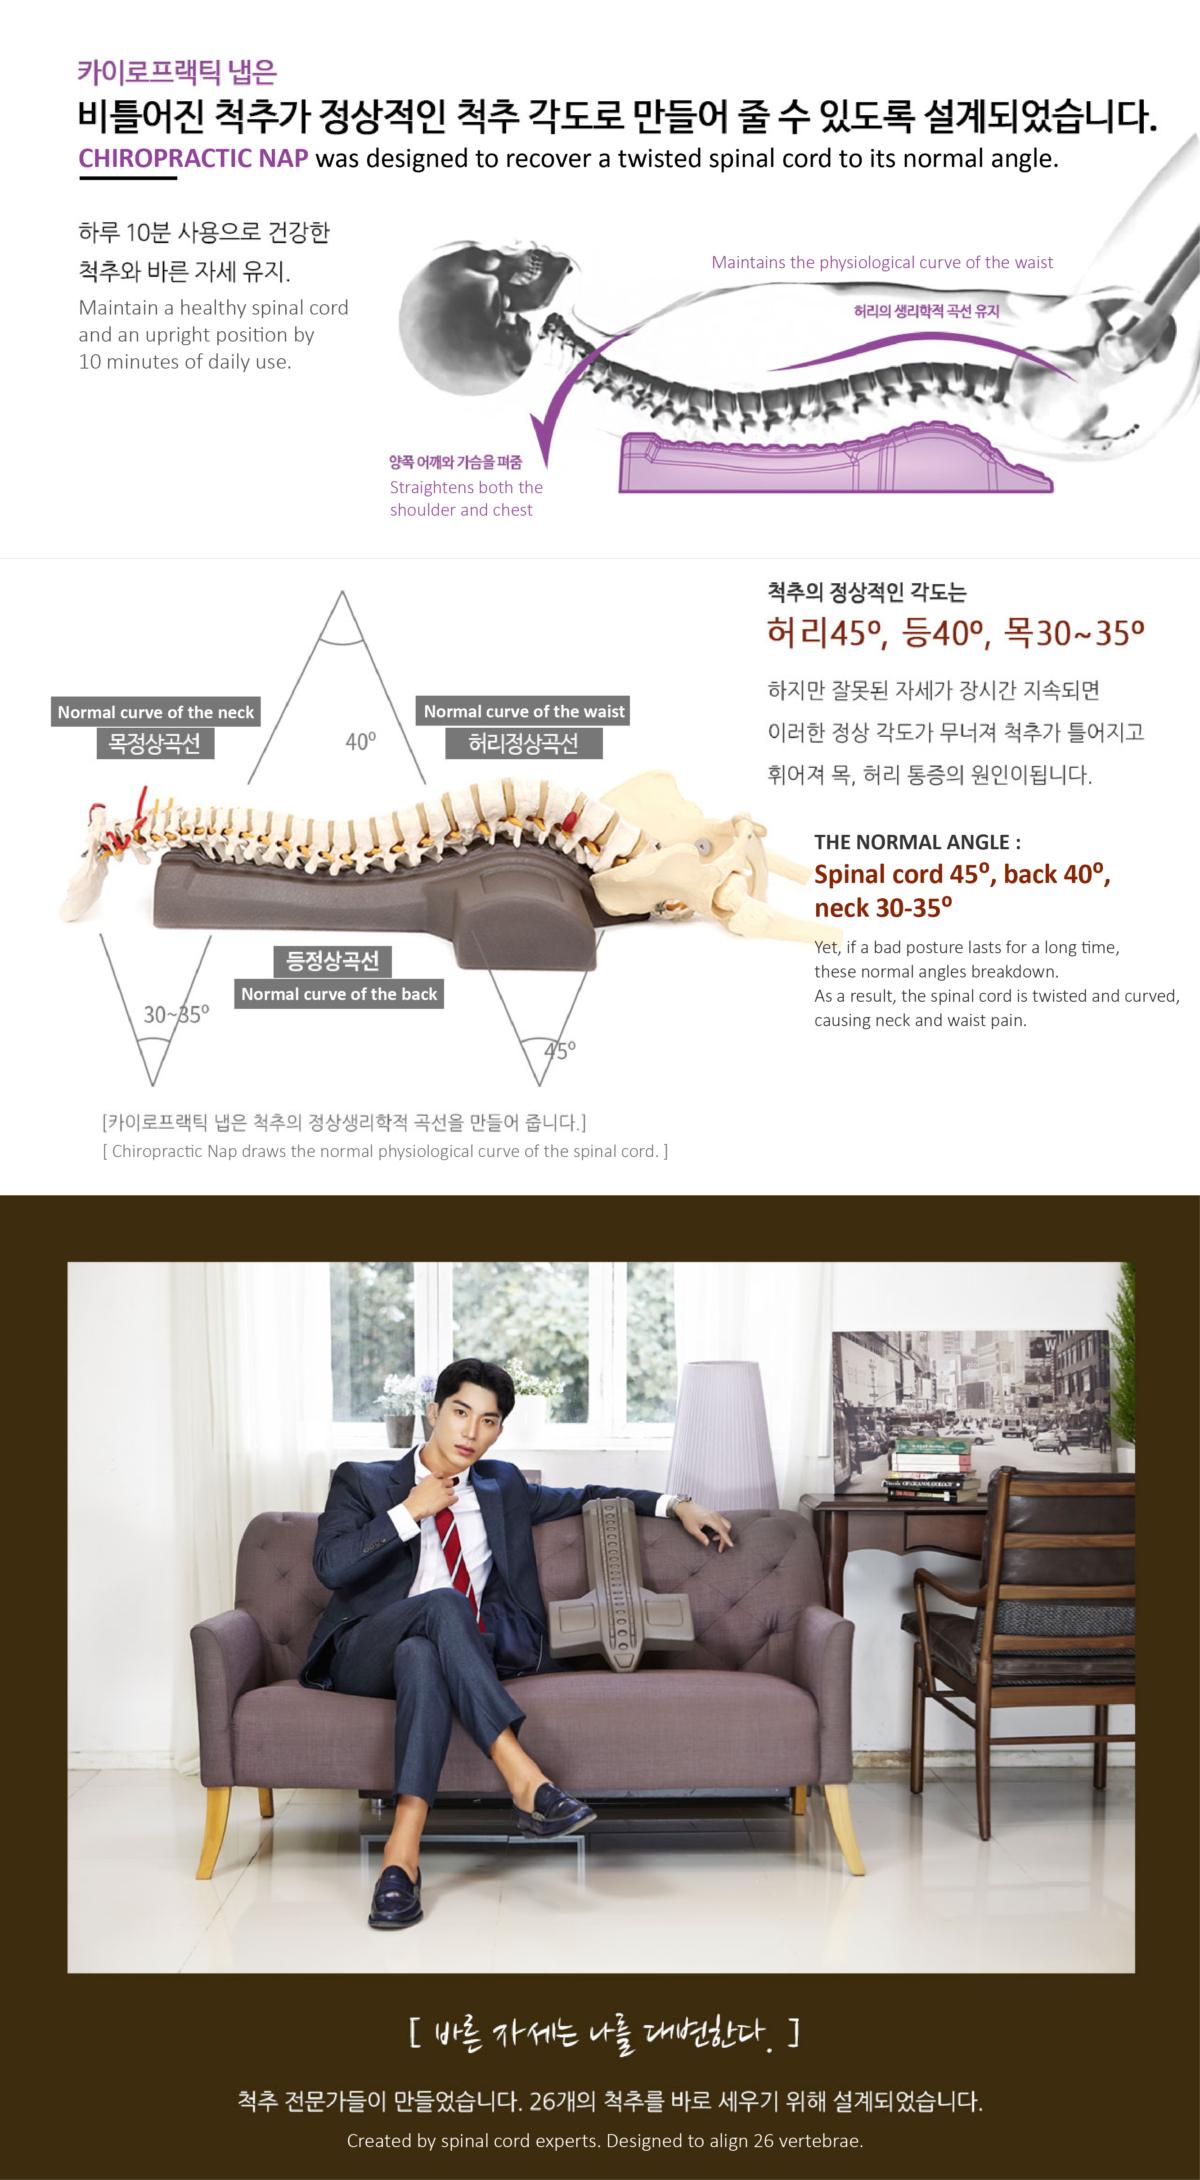 Chiropractic Nap